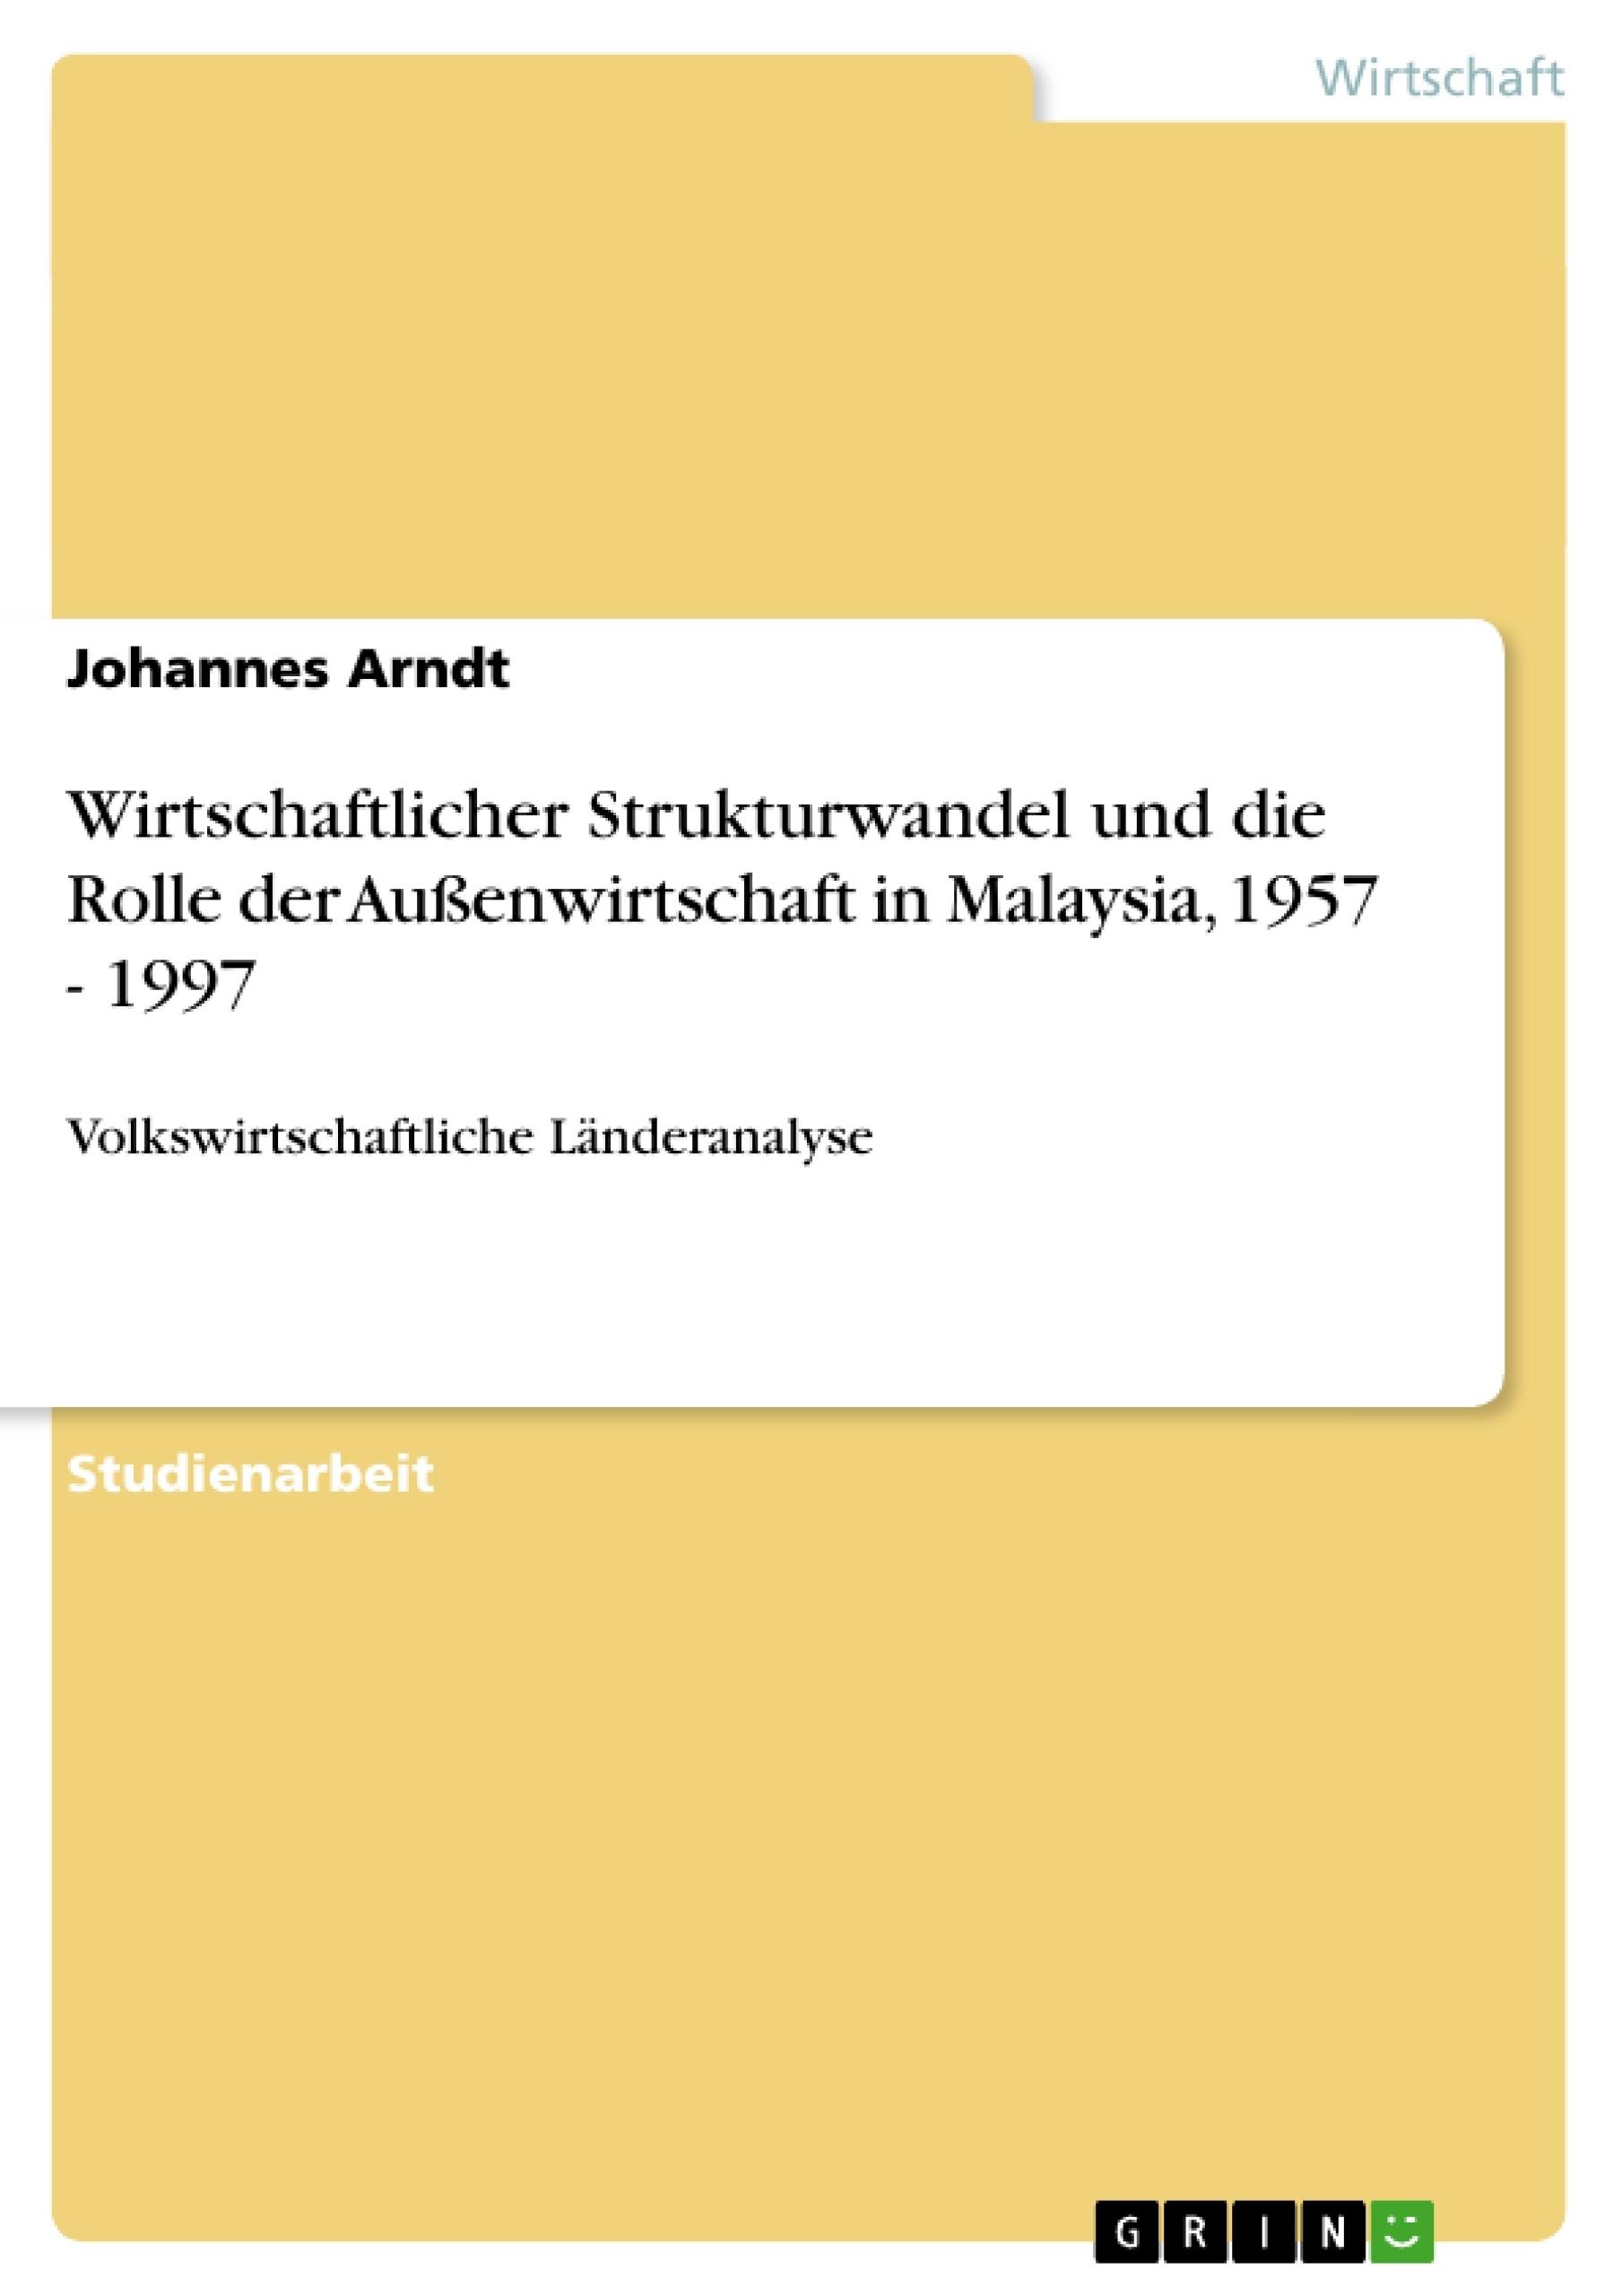 Titel: Wirtschaftlicher Strukturwandel und die Rolle der Außenwirtschaft in Malaysia, 1957 - 1997